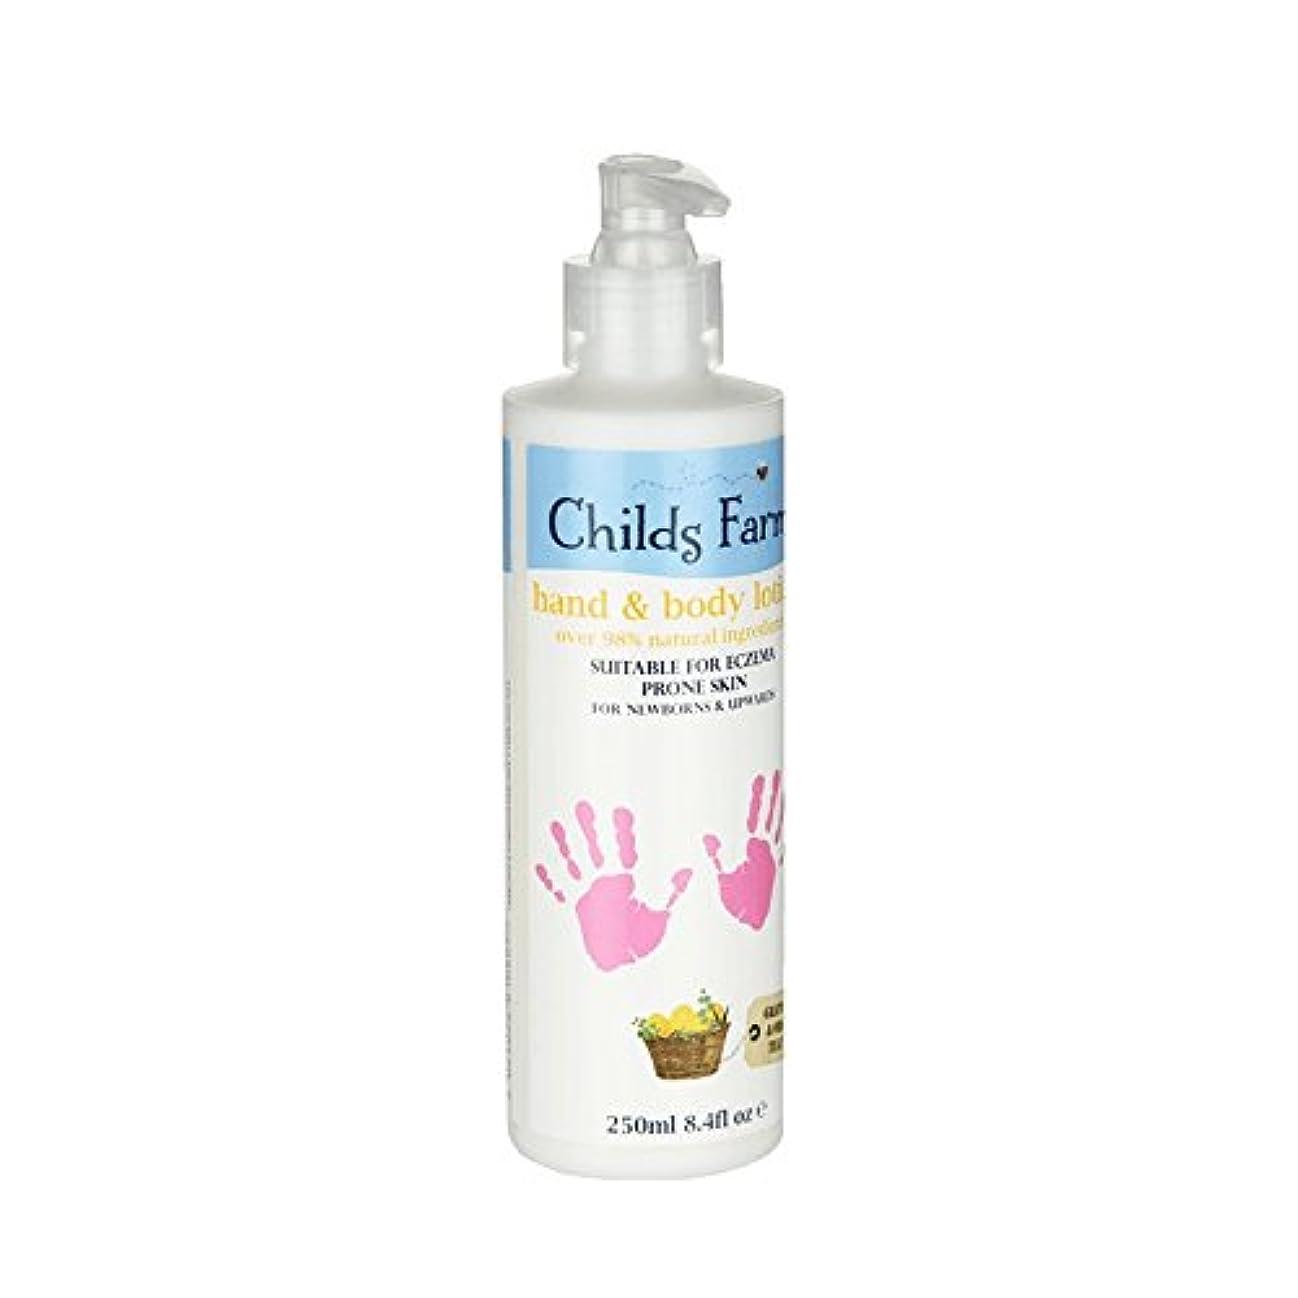 バーチャルスキャンダラス検出Childs Farm Hand & Body Lotion for Silky Skin 250ml (Pack of 2) - 絹のような肌の250ミリリットルのためのチャイルズファームハンド&ボディローション (x2...